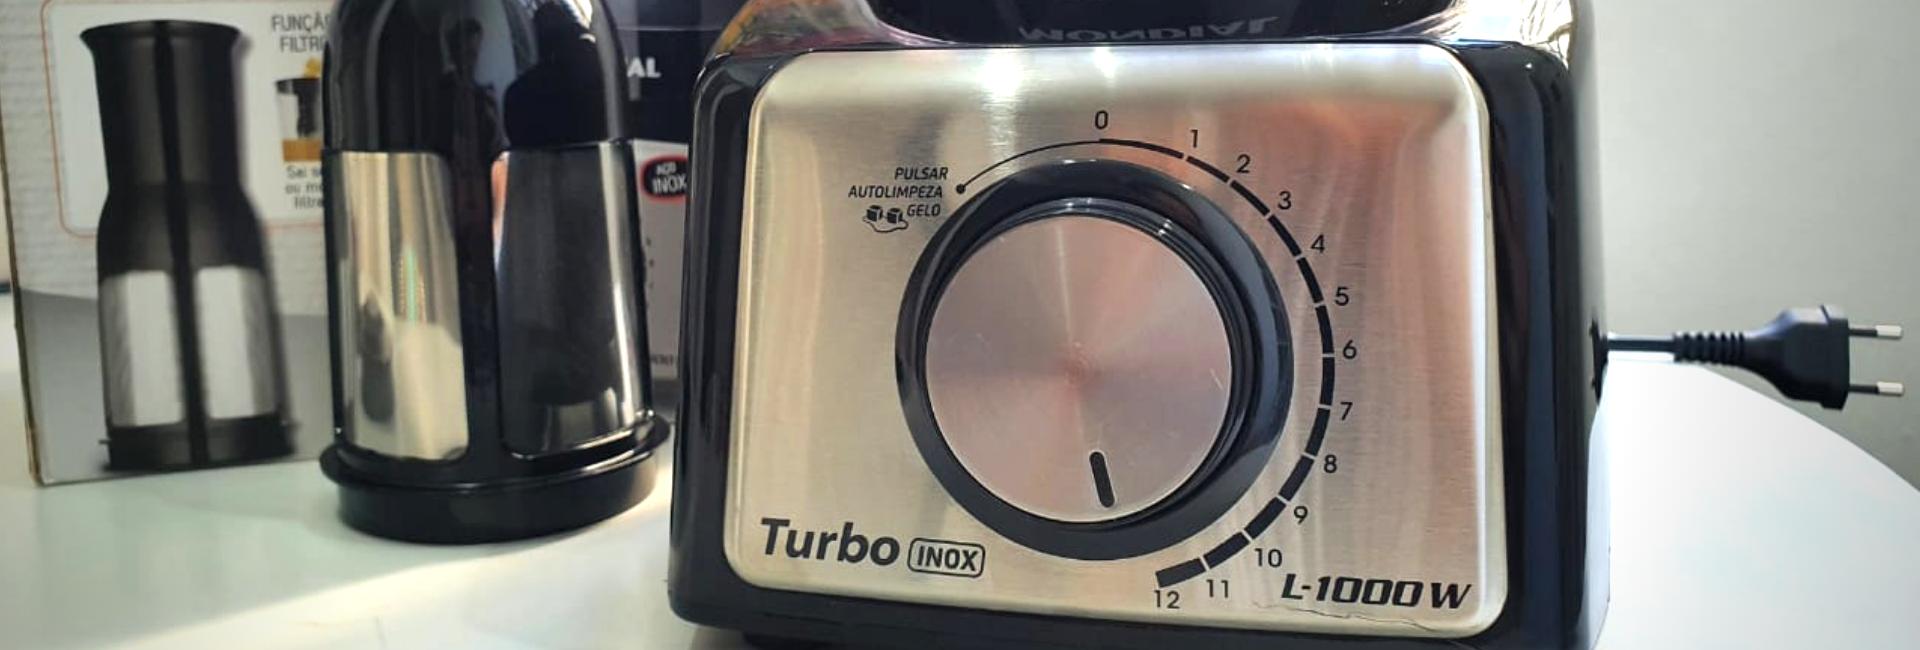 Liquidificador Mondial Turbo Inox L-1000 é bom? Confira detalhes do review